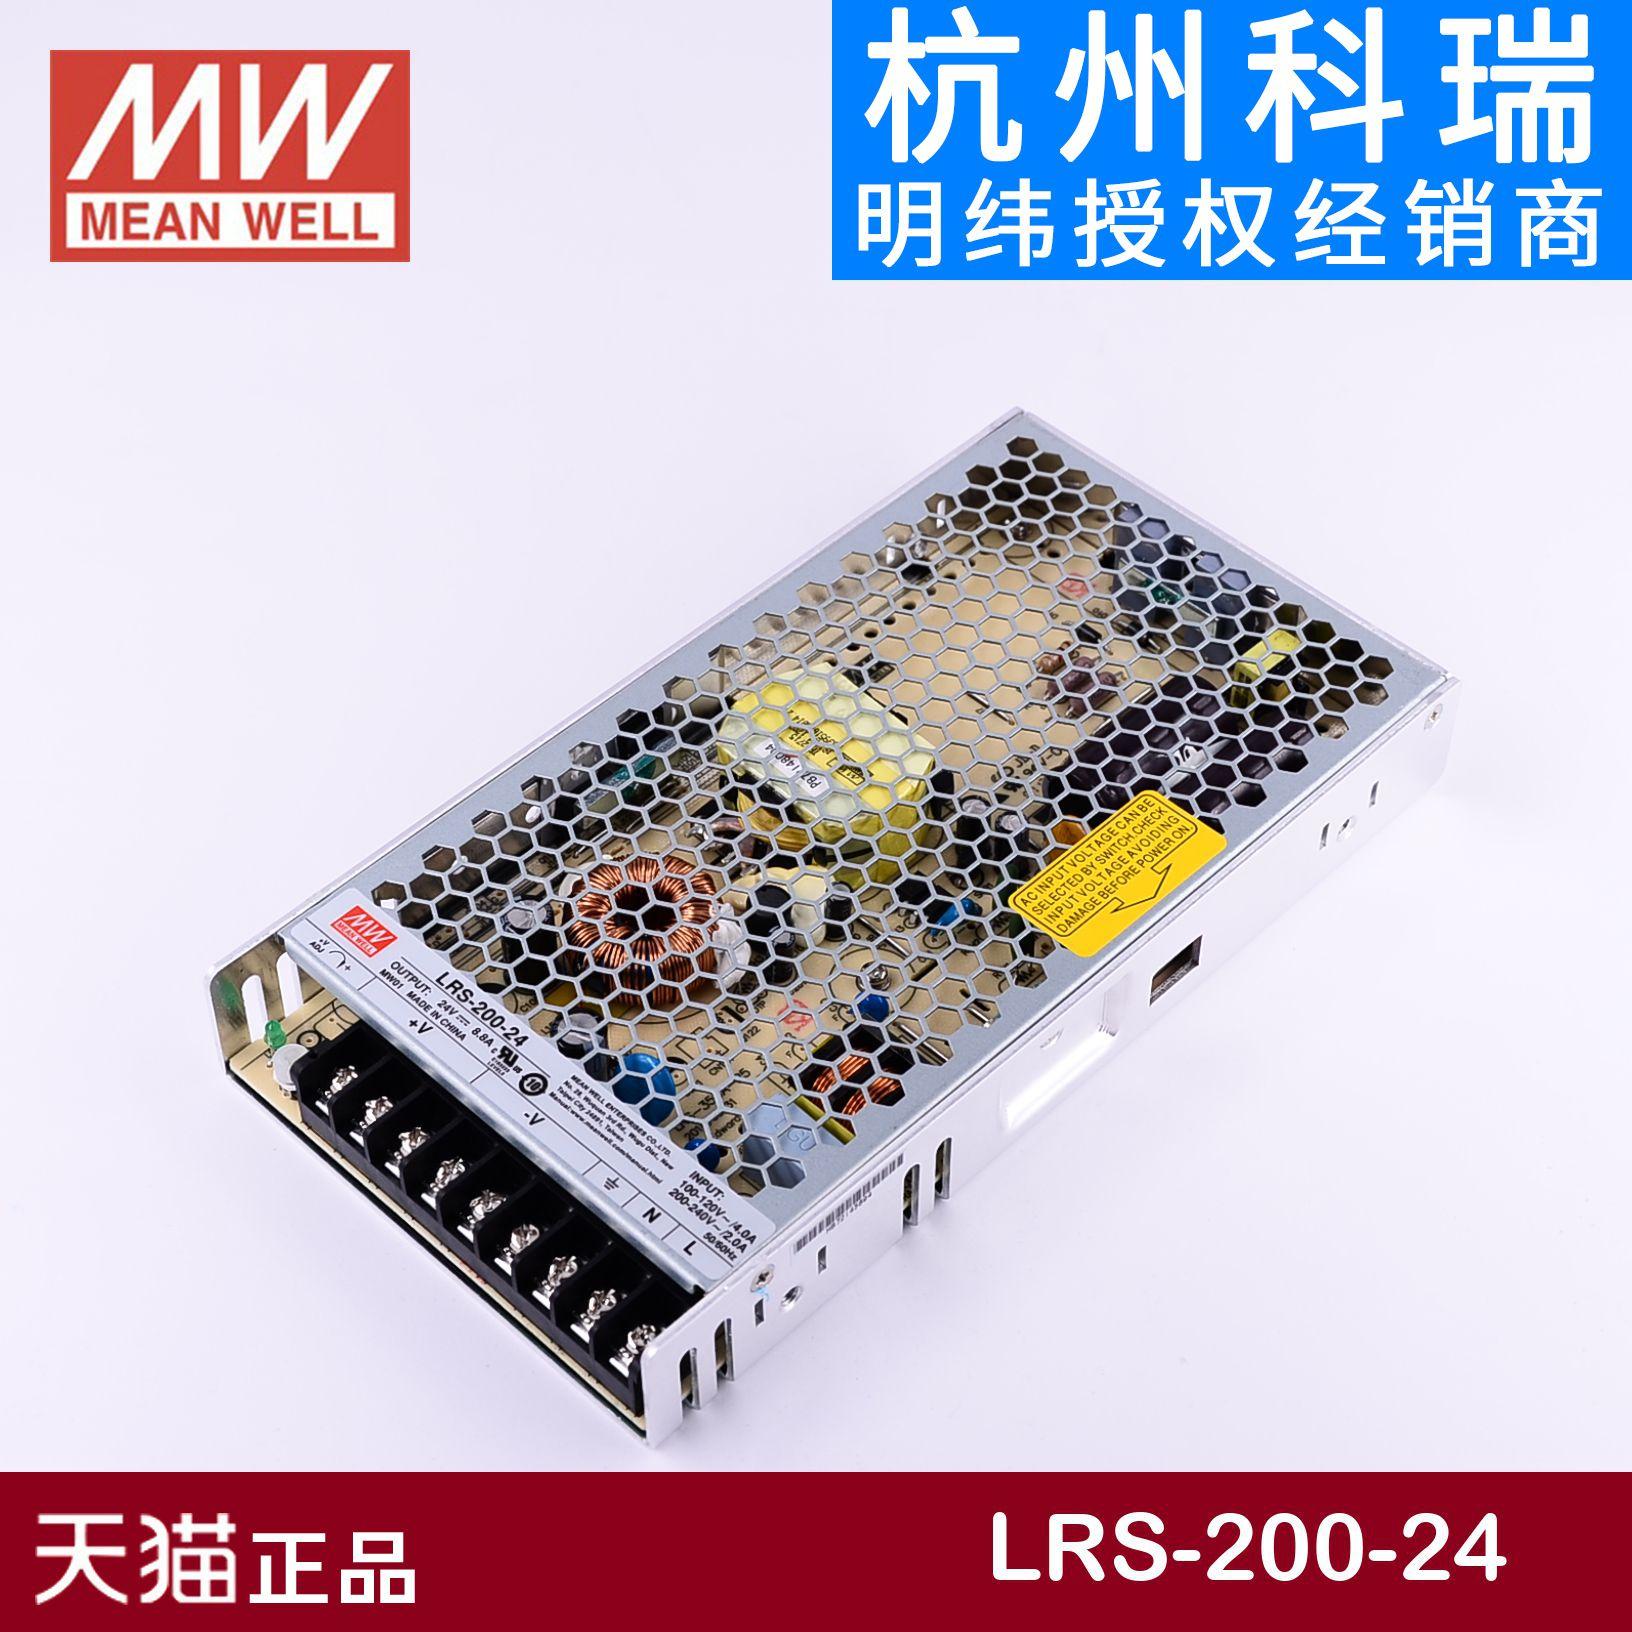 Ταϊβάν διακόπτη ισχύος LRS-200-24 βιομηχανική 24V/9A/200W λεπτή rs για NES/S φωτισμός LED